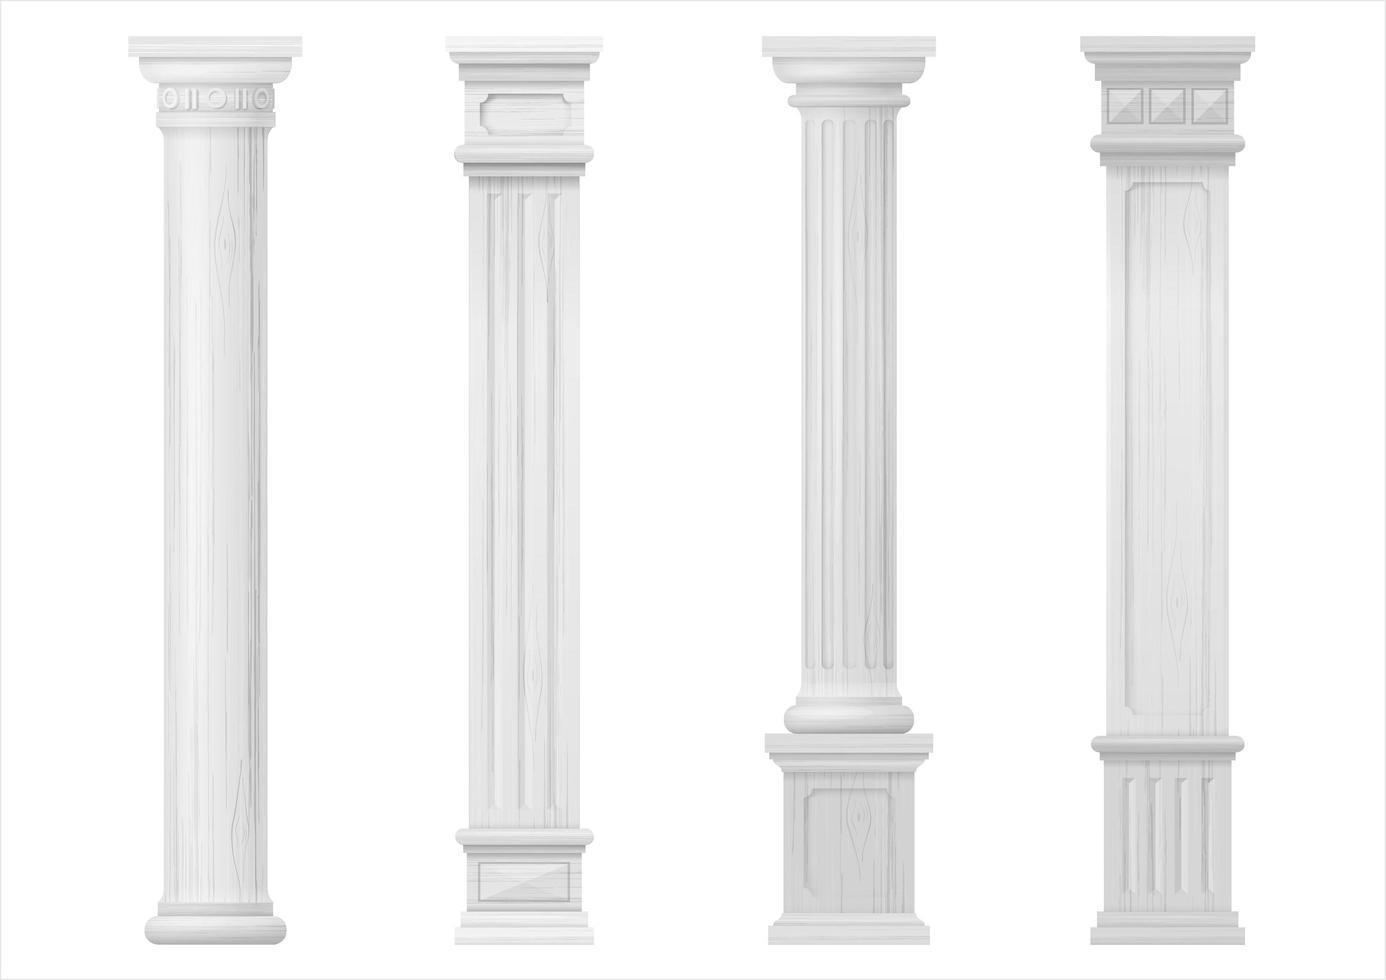 colunas arquitetônicas esculpidas em madeira clássica branca vetor